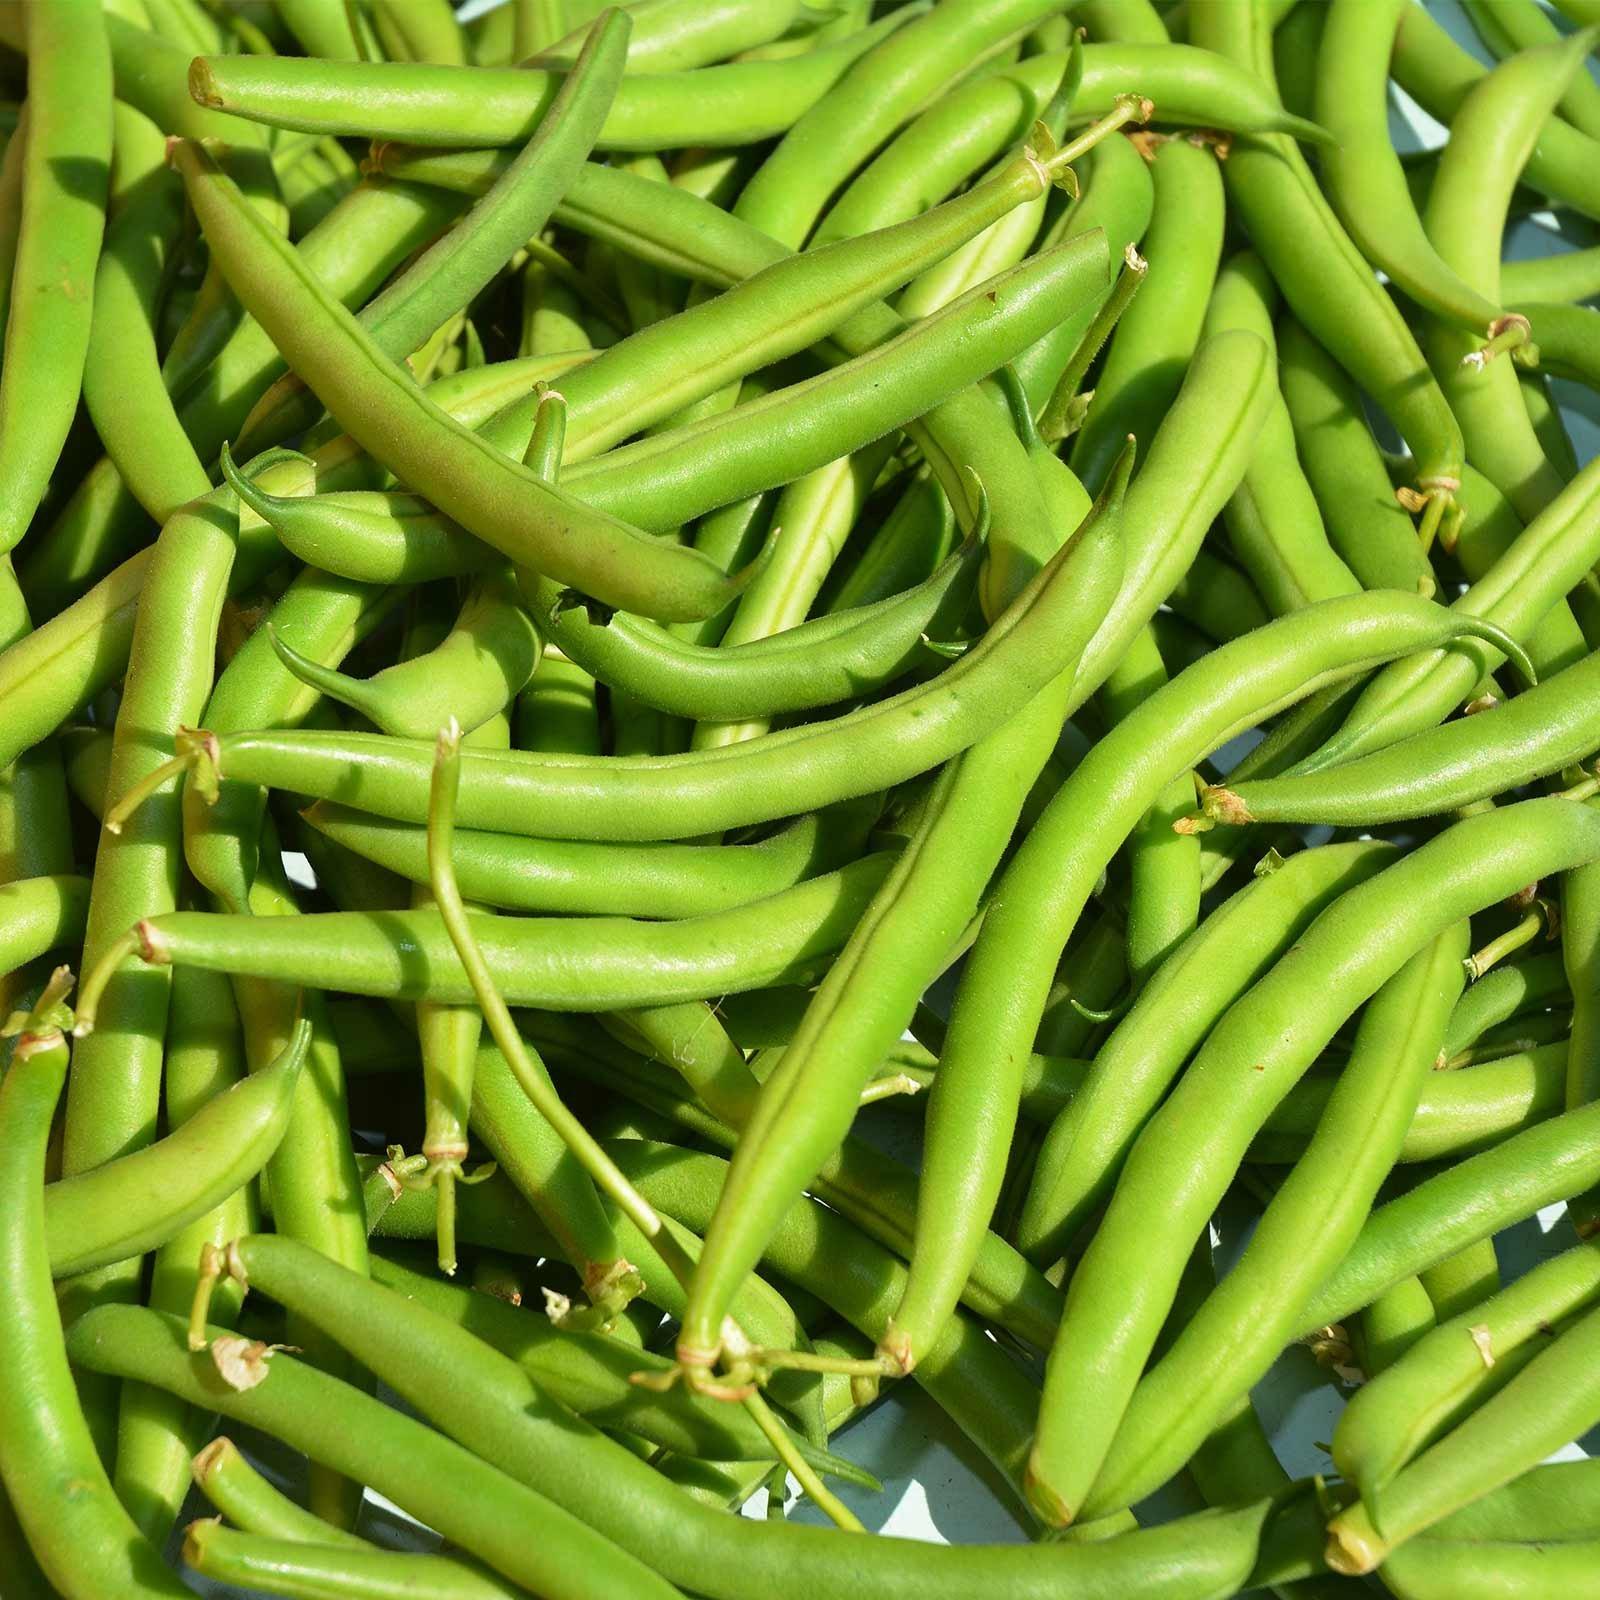 Provider Bush Bean Seeds - 25 Lb Bulk - Non-GMO, Heirloom Green Snap Bean Seeds - Vegetable Garden Seeds